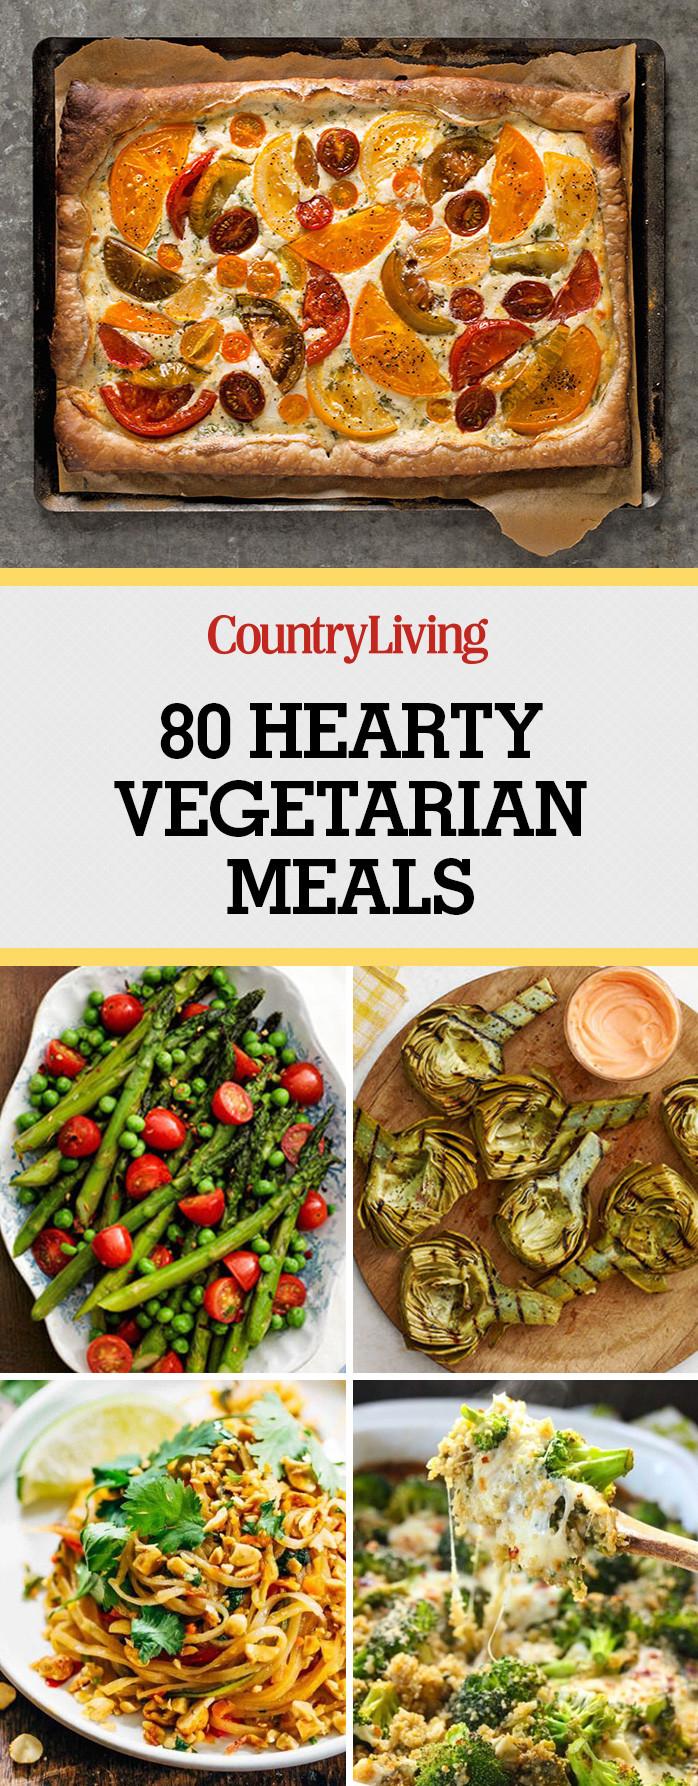 Vegetarian Dinner Ideas  80 Easy Ve arian Dinner Recipes Best Ve arian Meal